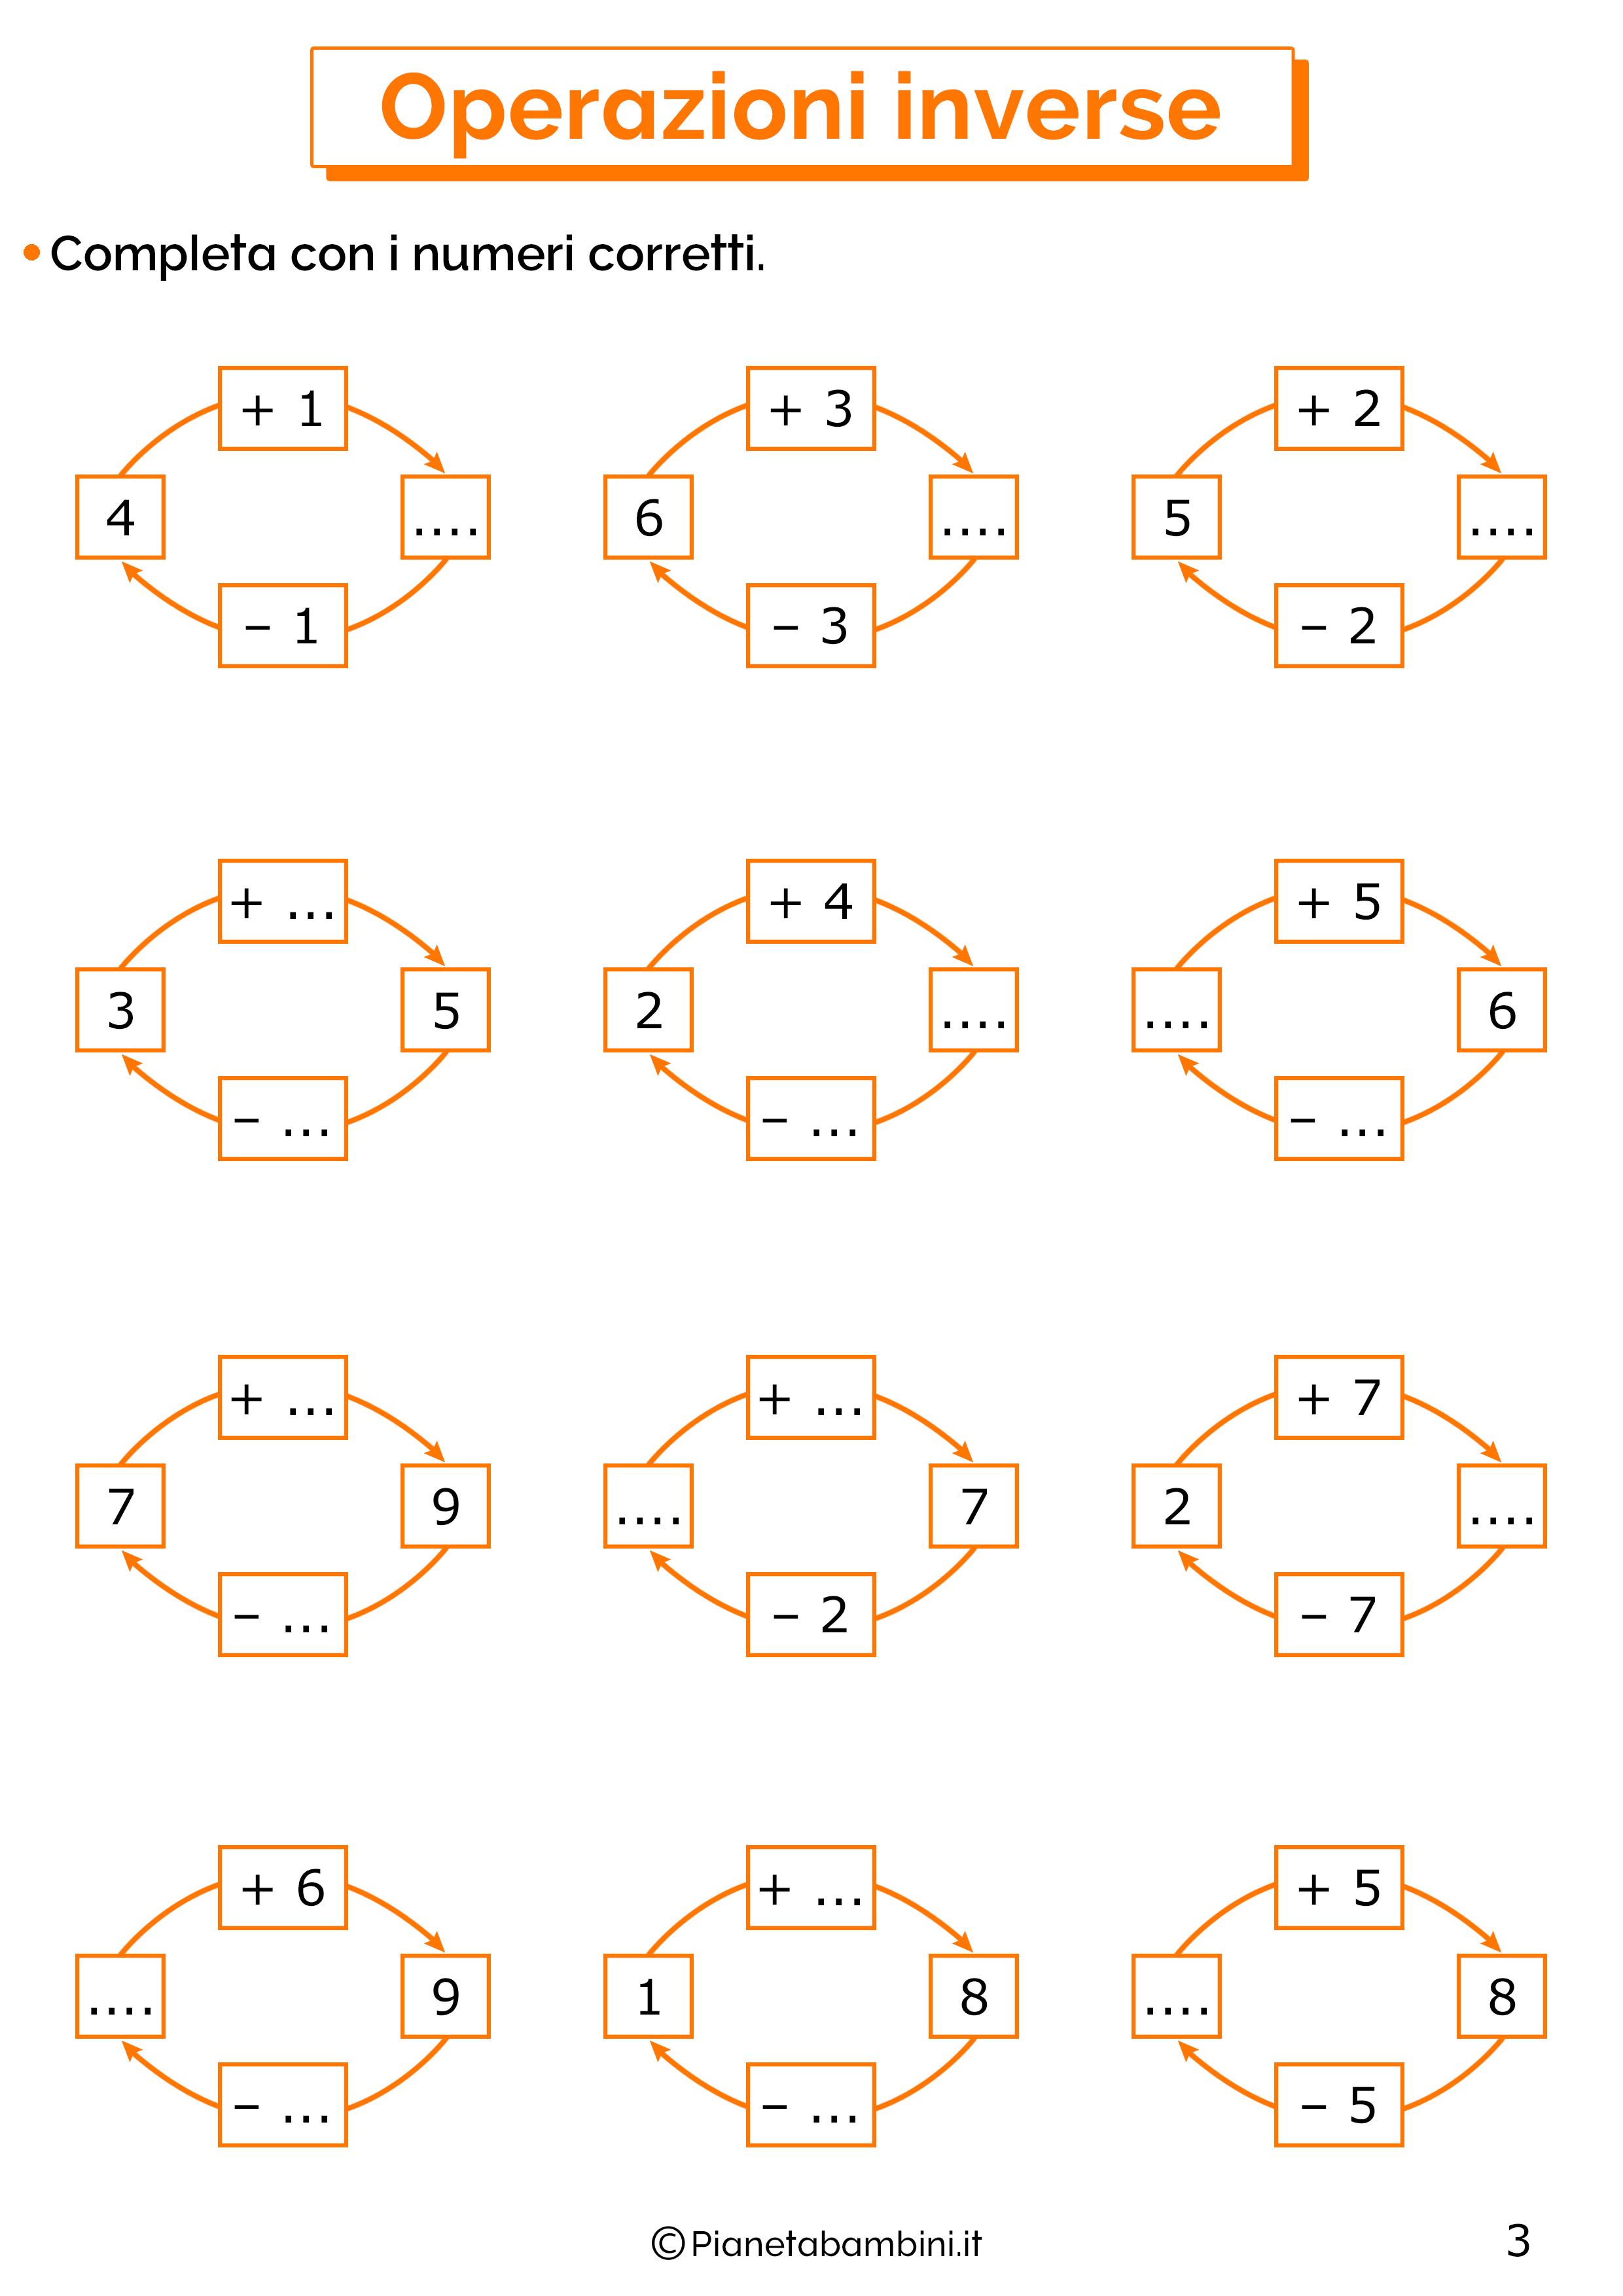 Schede didattiche sulle operazioni inverse 03